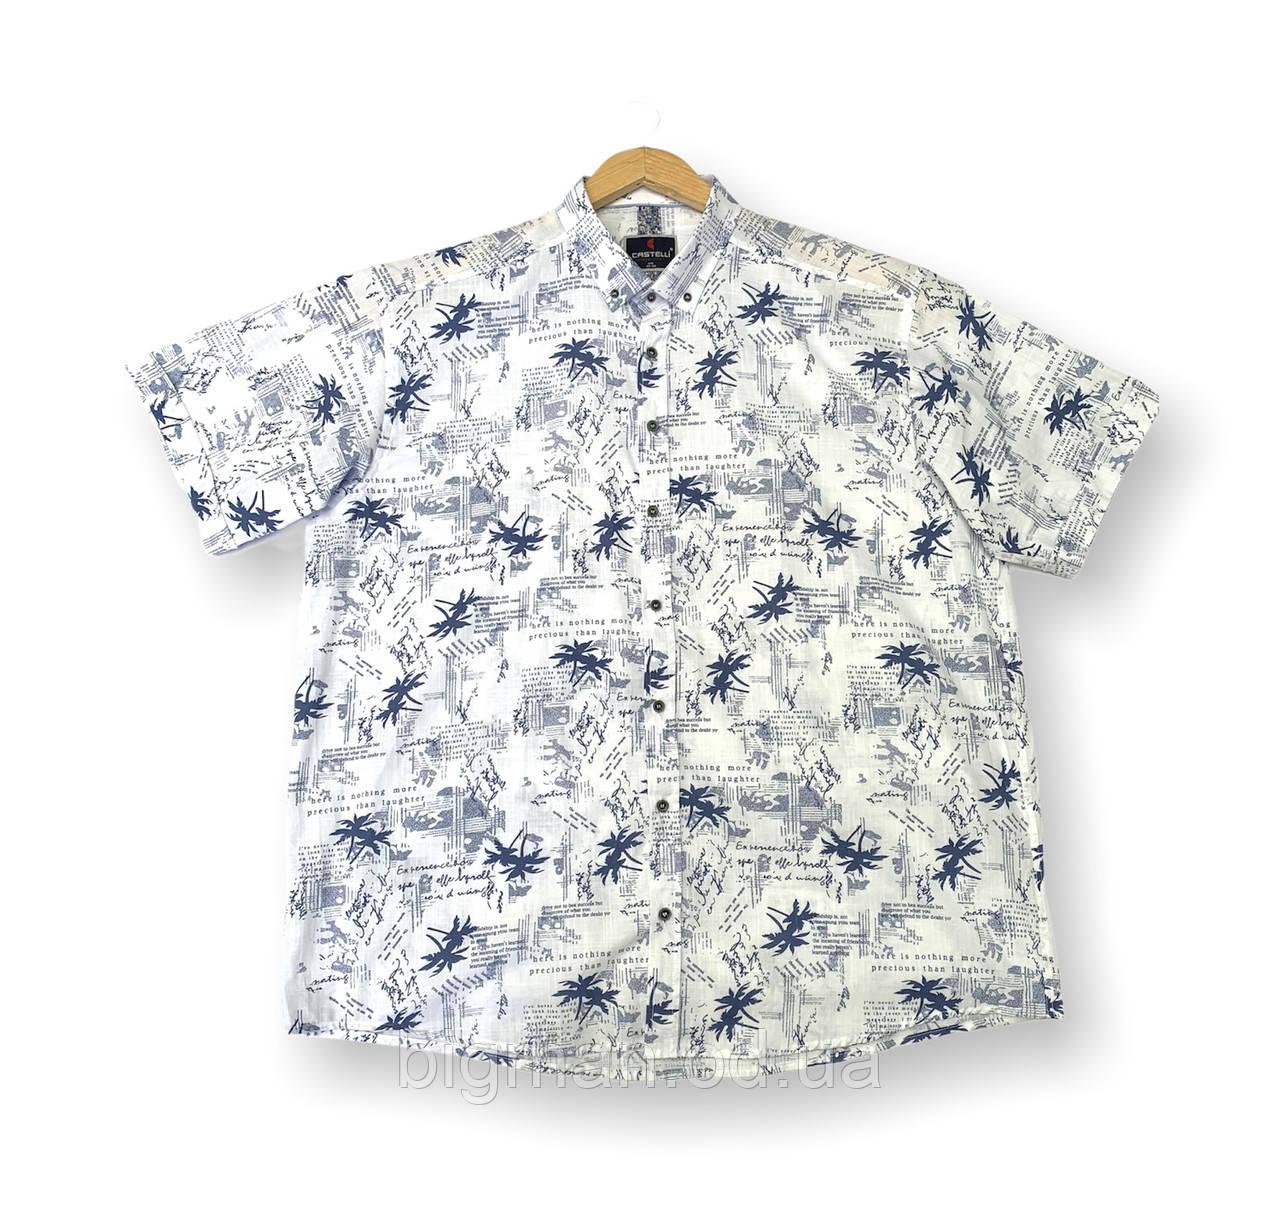 Чоловіча сорочка з коротким рукавом батальна біла лляна великі розміри (2XL 4XL) Туреччина Castelli